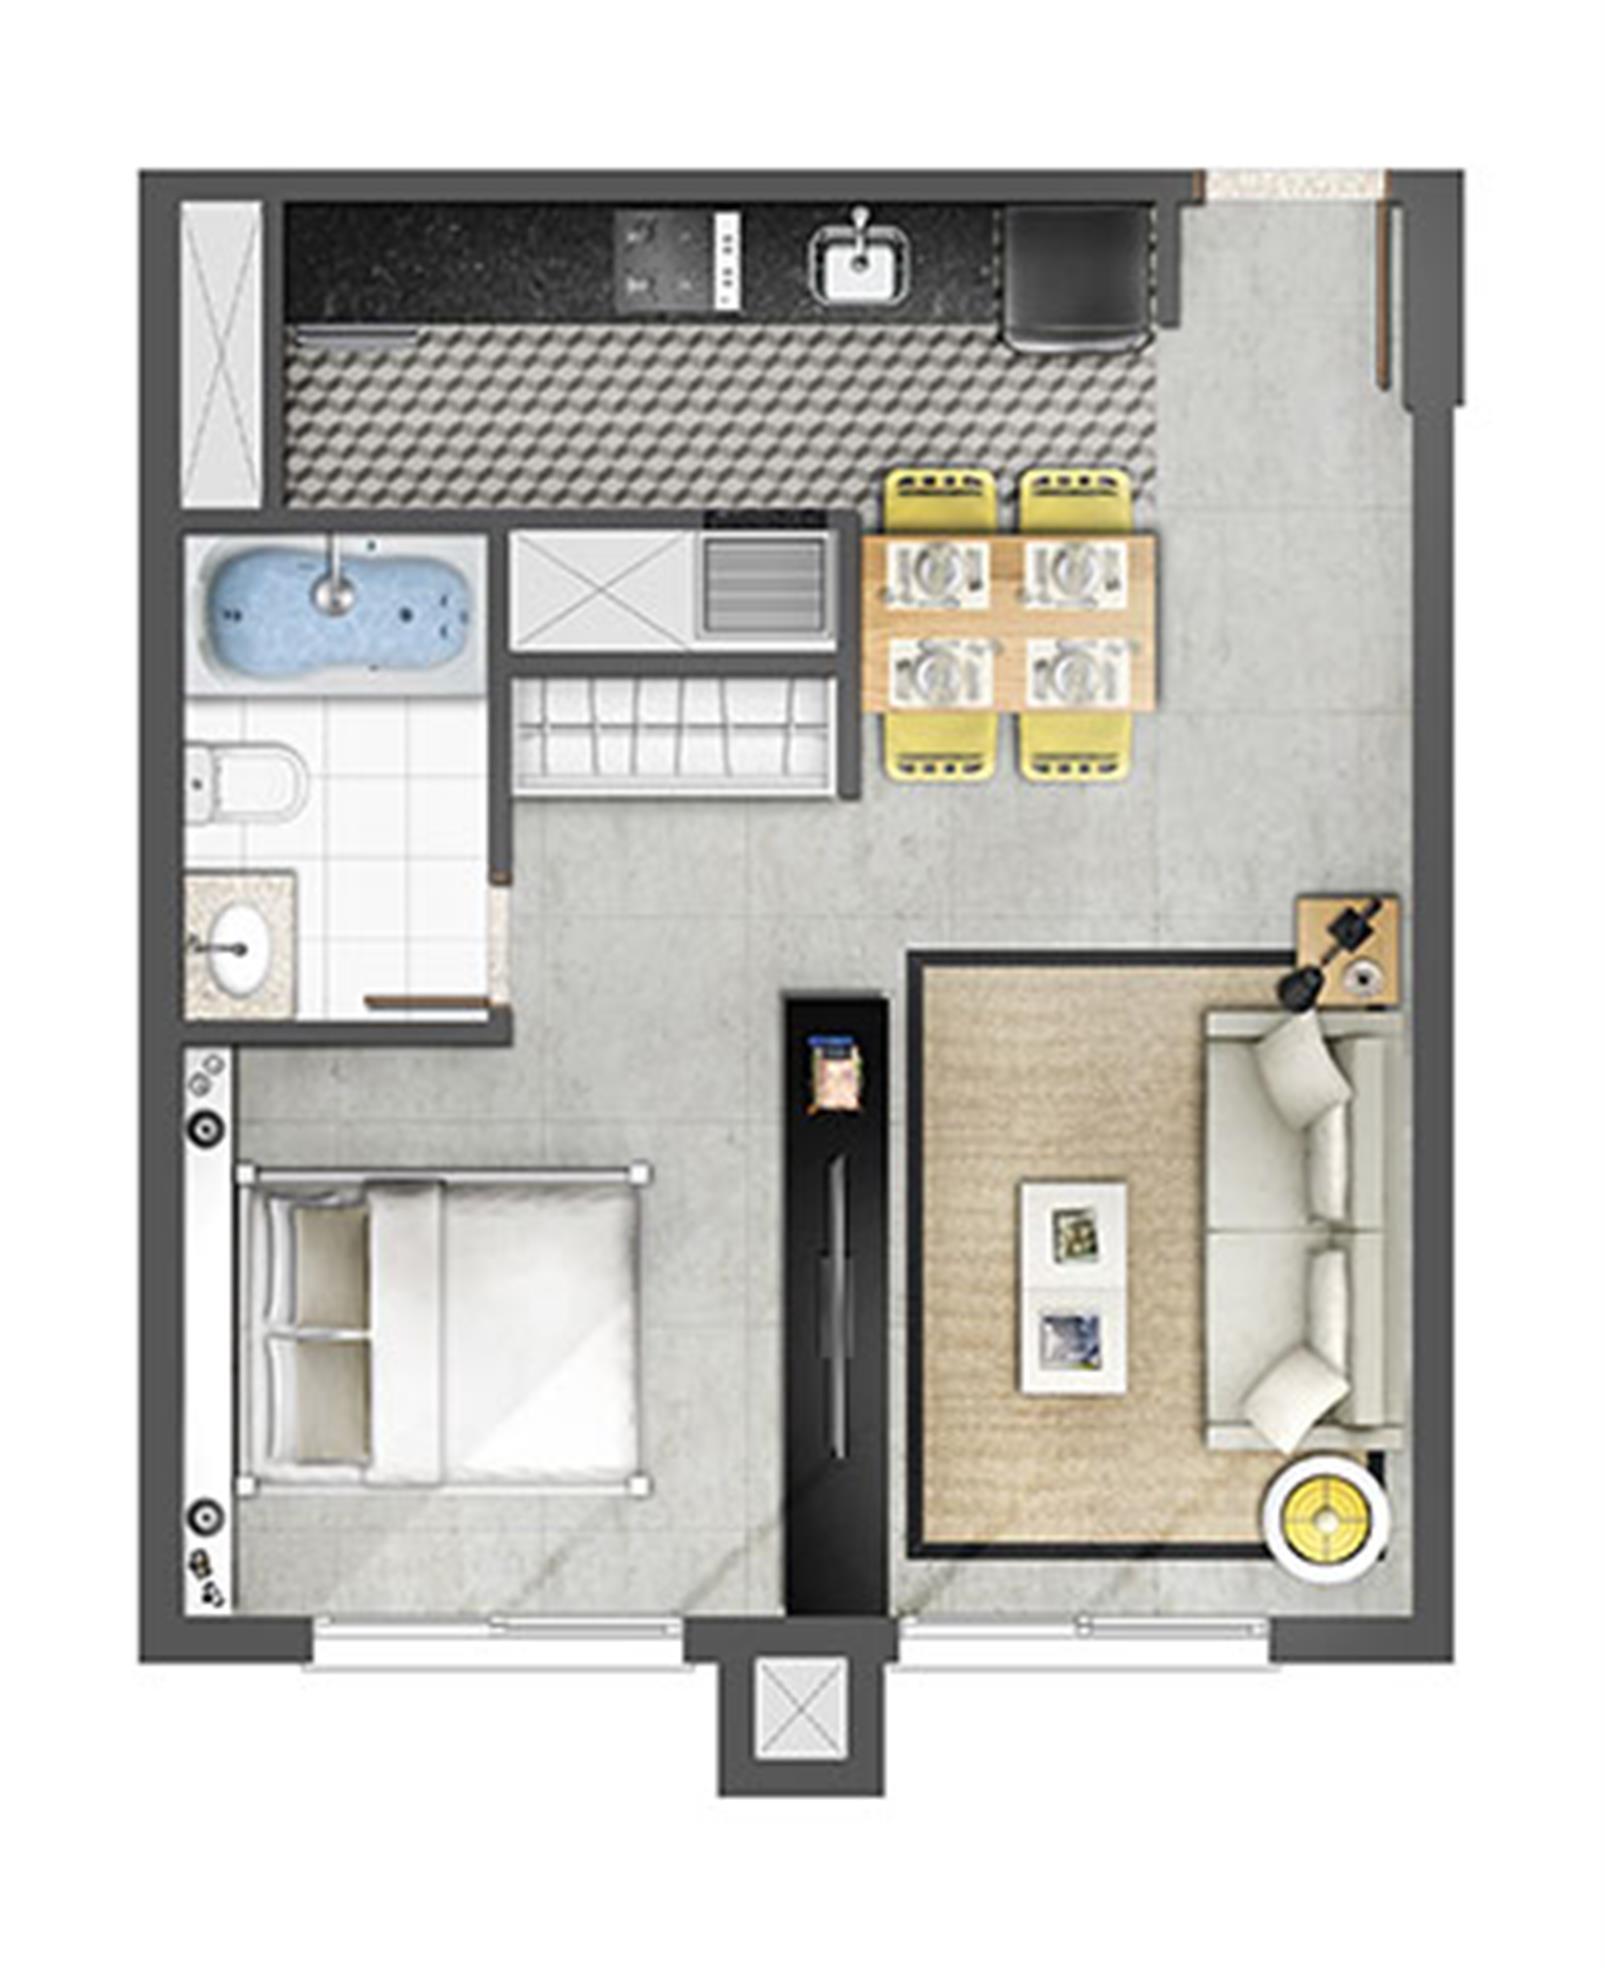 Estudio 45m² Opção com Banheira | Axis - Home – Apartamentono  Altos de Petrópolis - Porto Alegre - Rio Grande do Sul